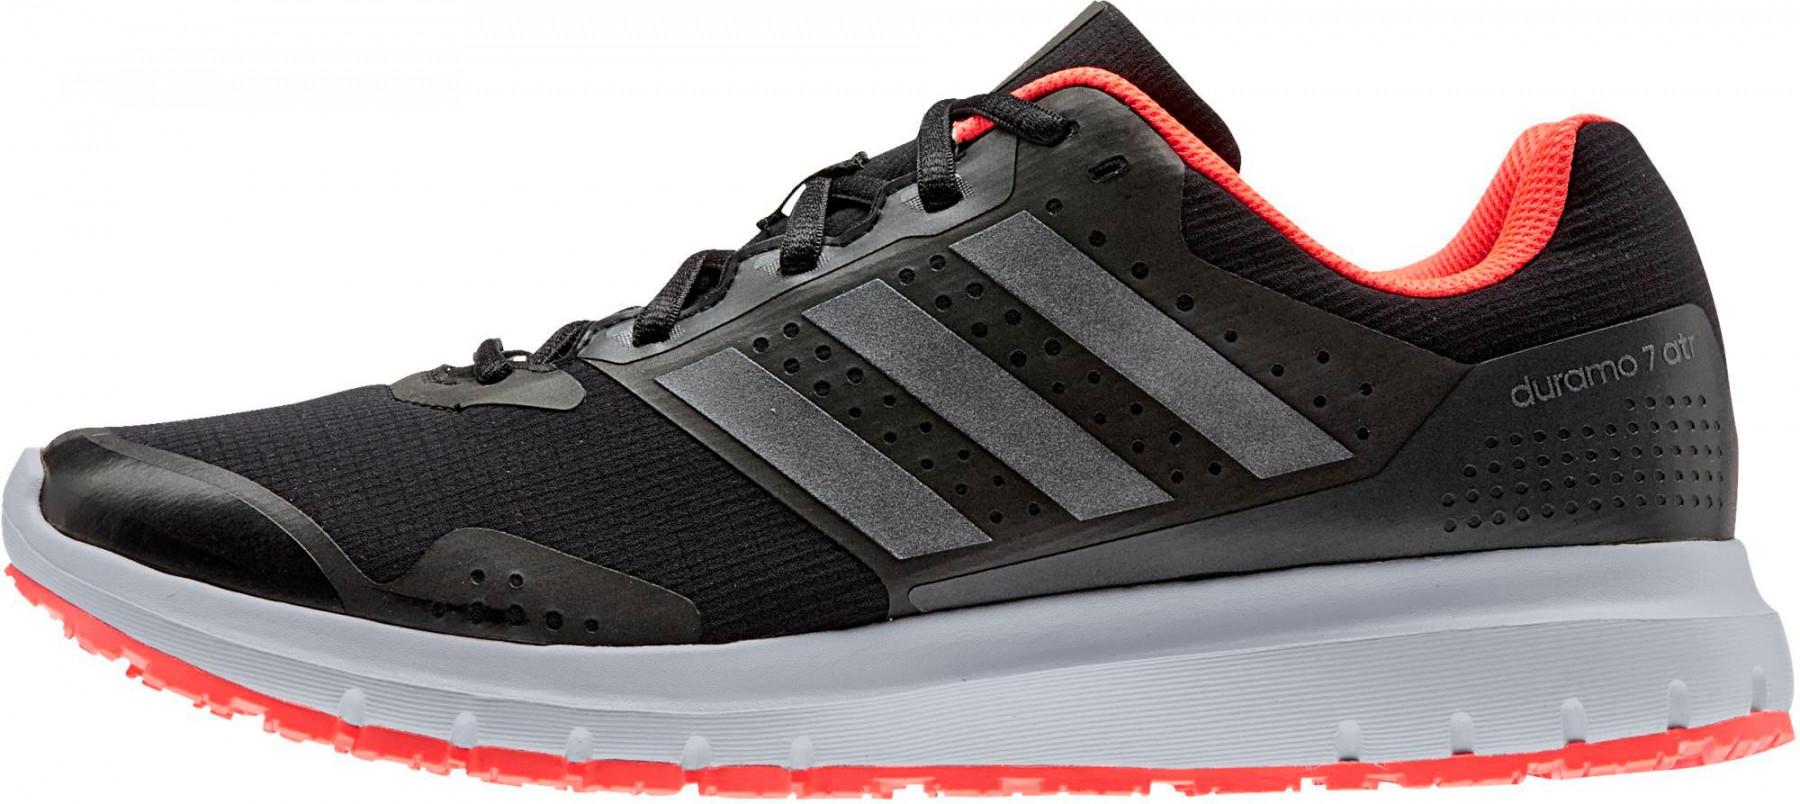 Adidas Shoes Duramo 7 atr M Black